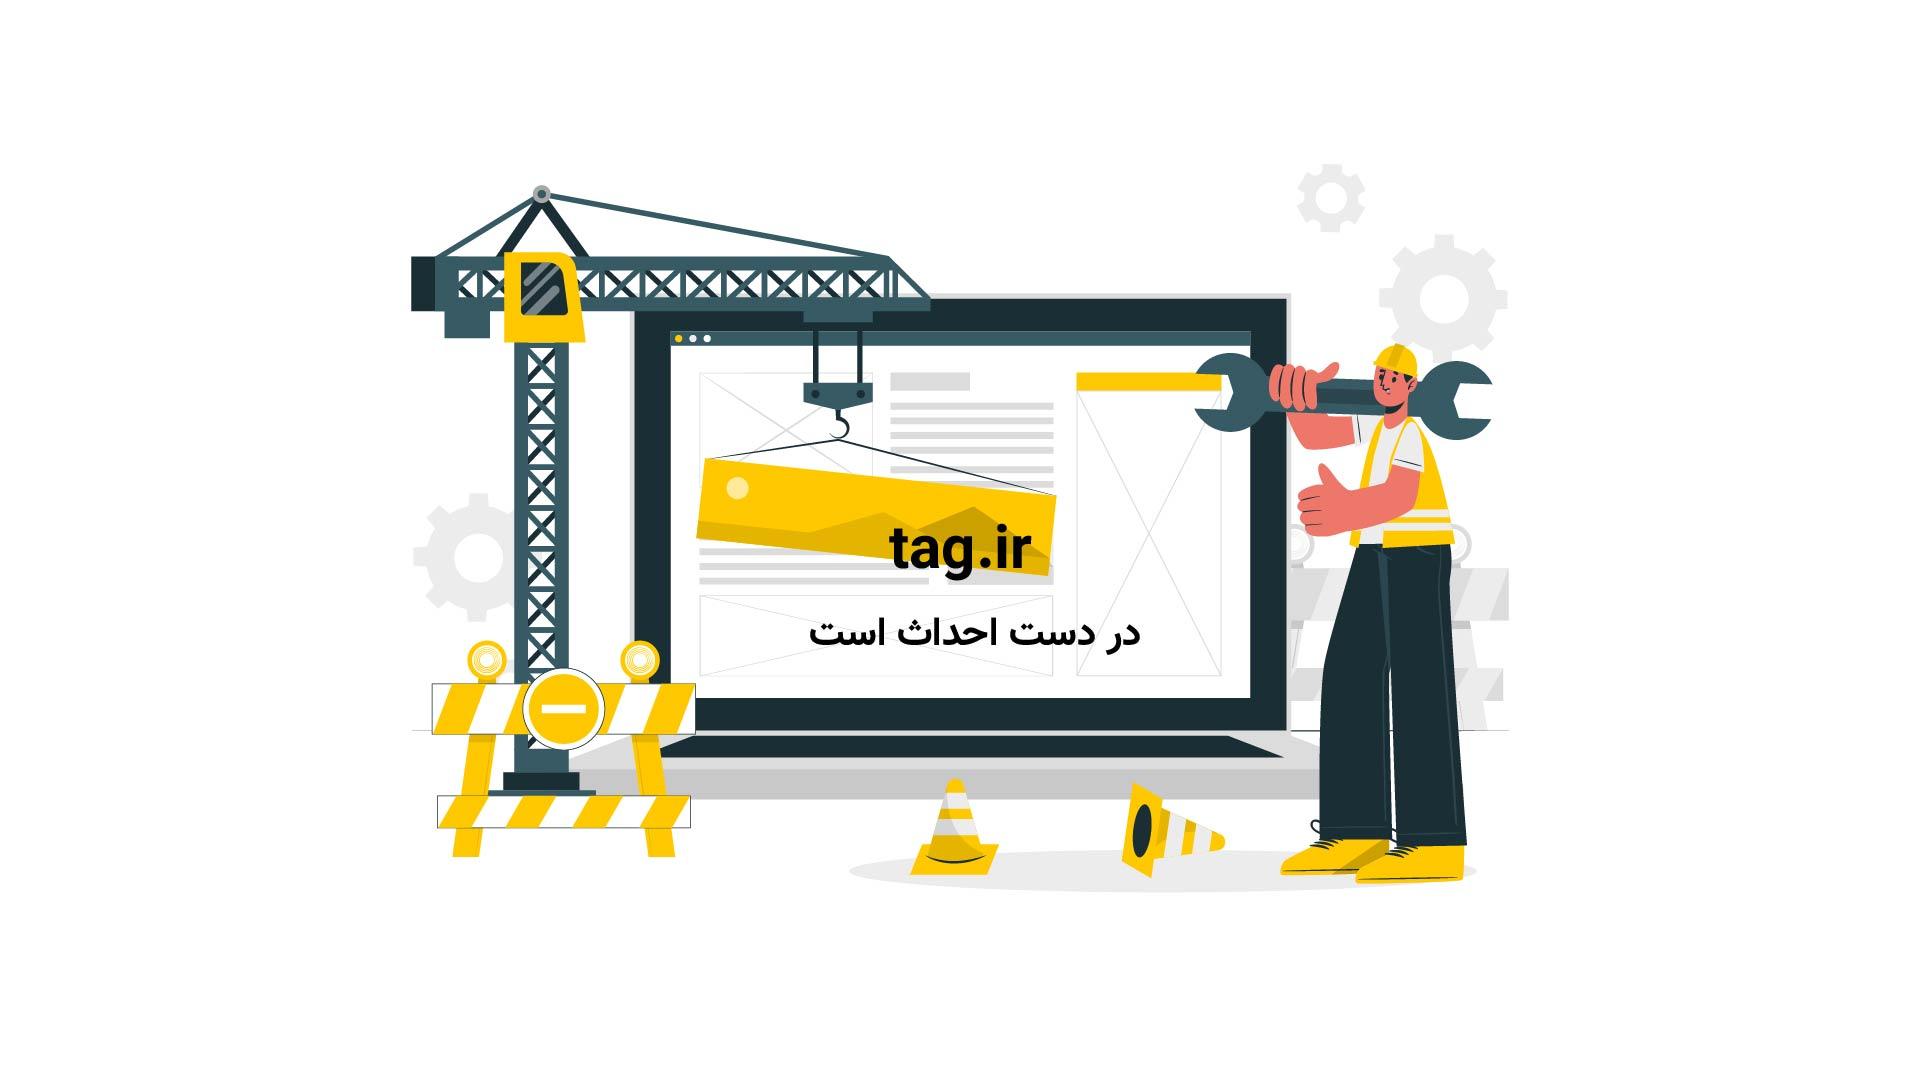 دستنوشته سردار سلیمانی | تگ